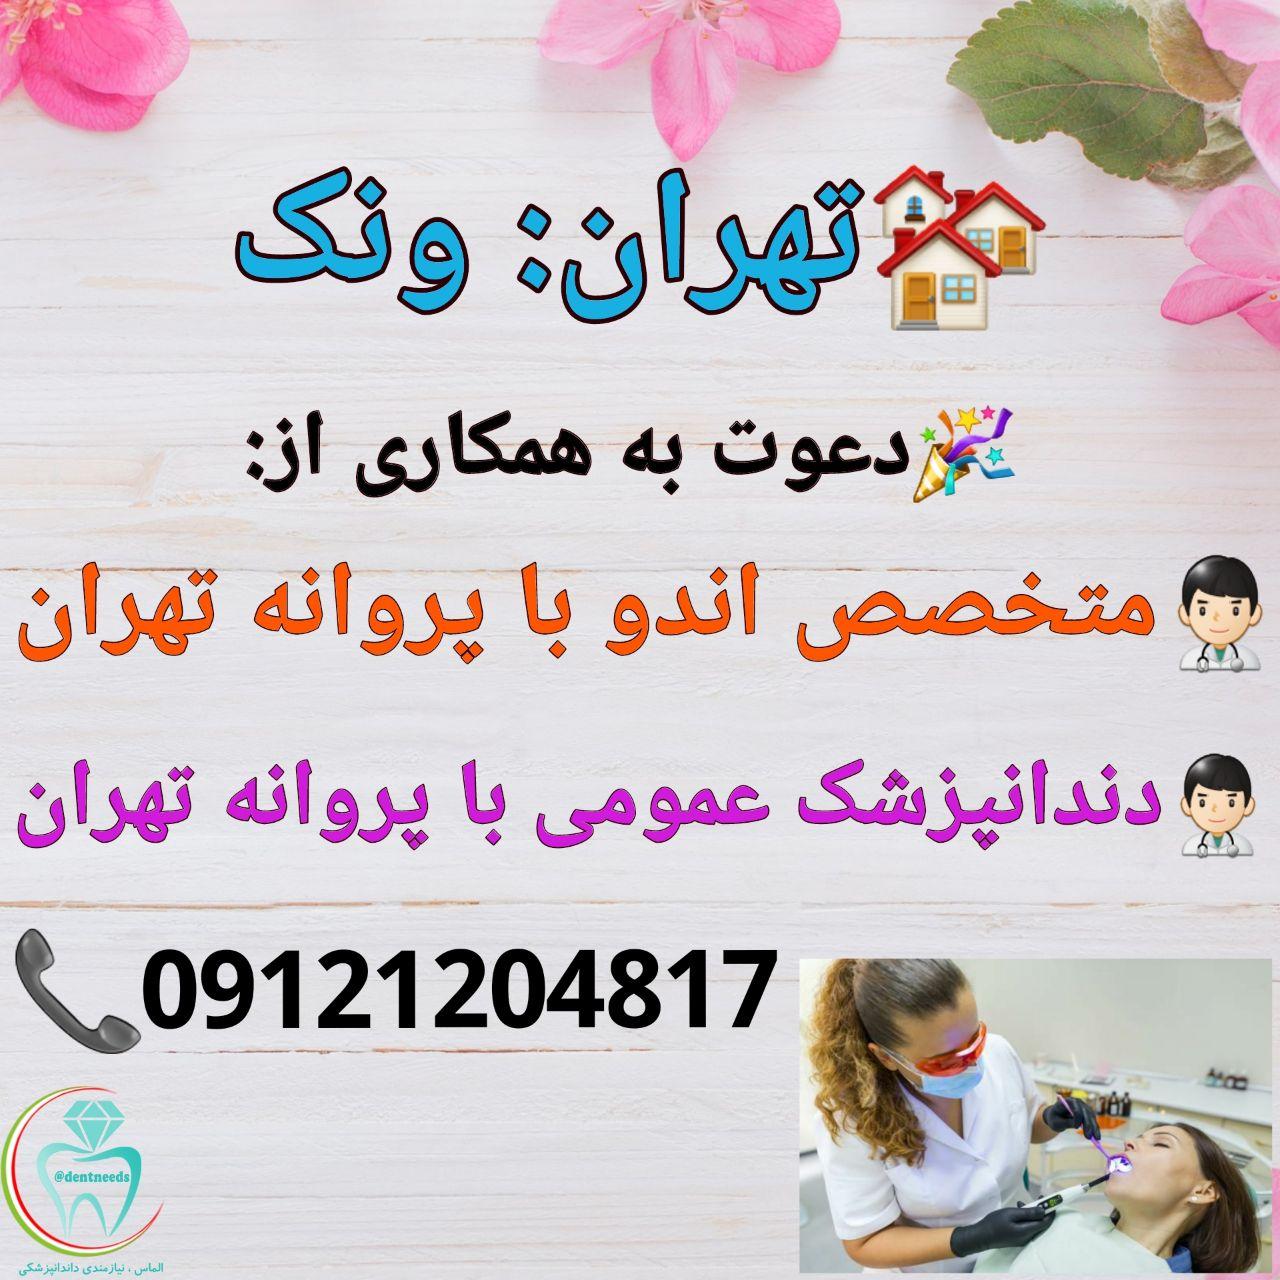 تهران: ونک، دعوت به همکاری از متخصص اندو، دندانپزشک عمومی